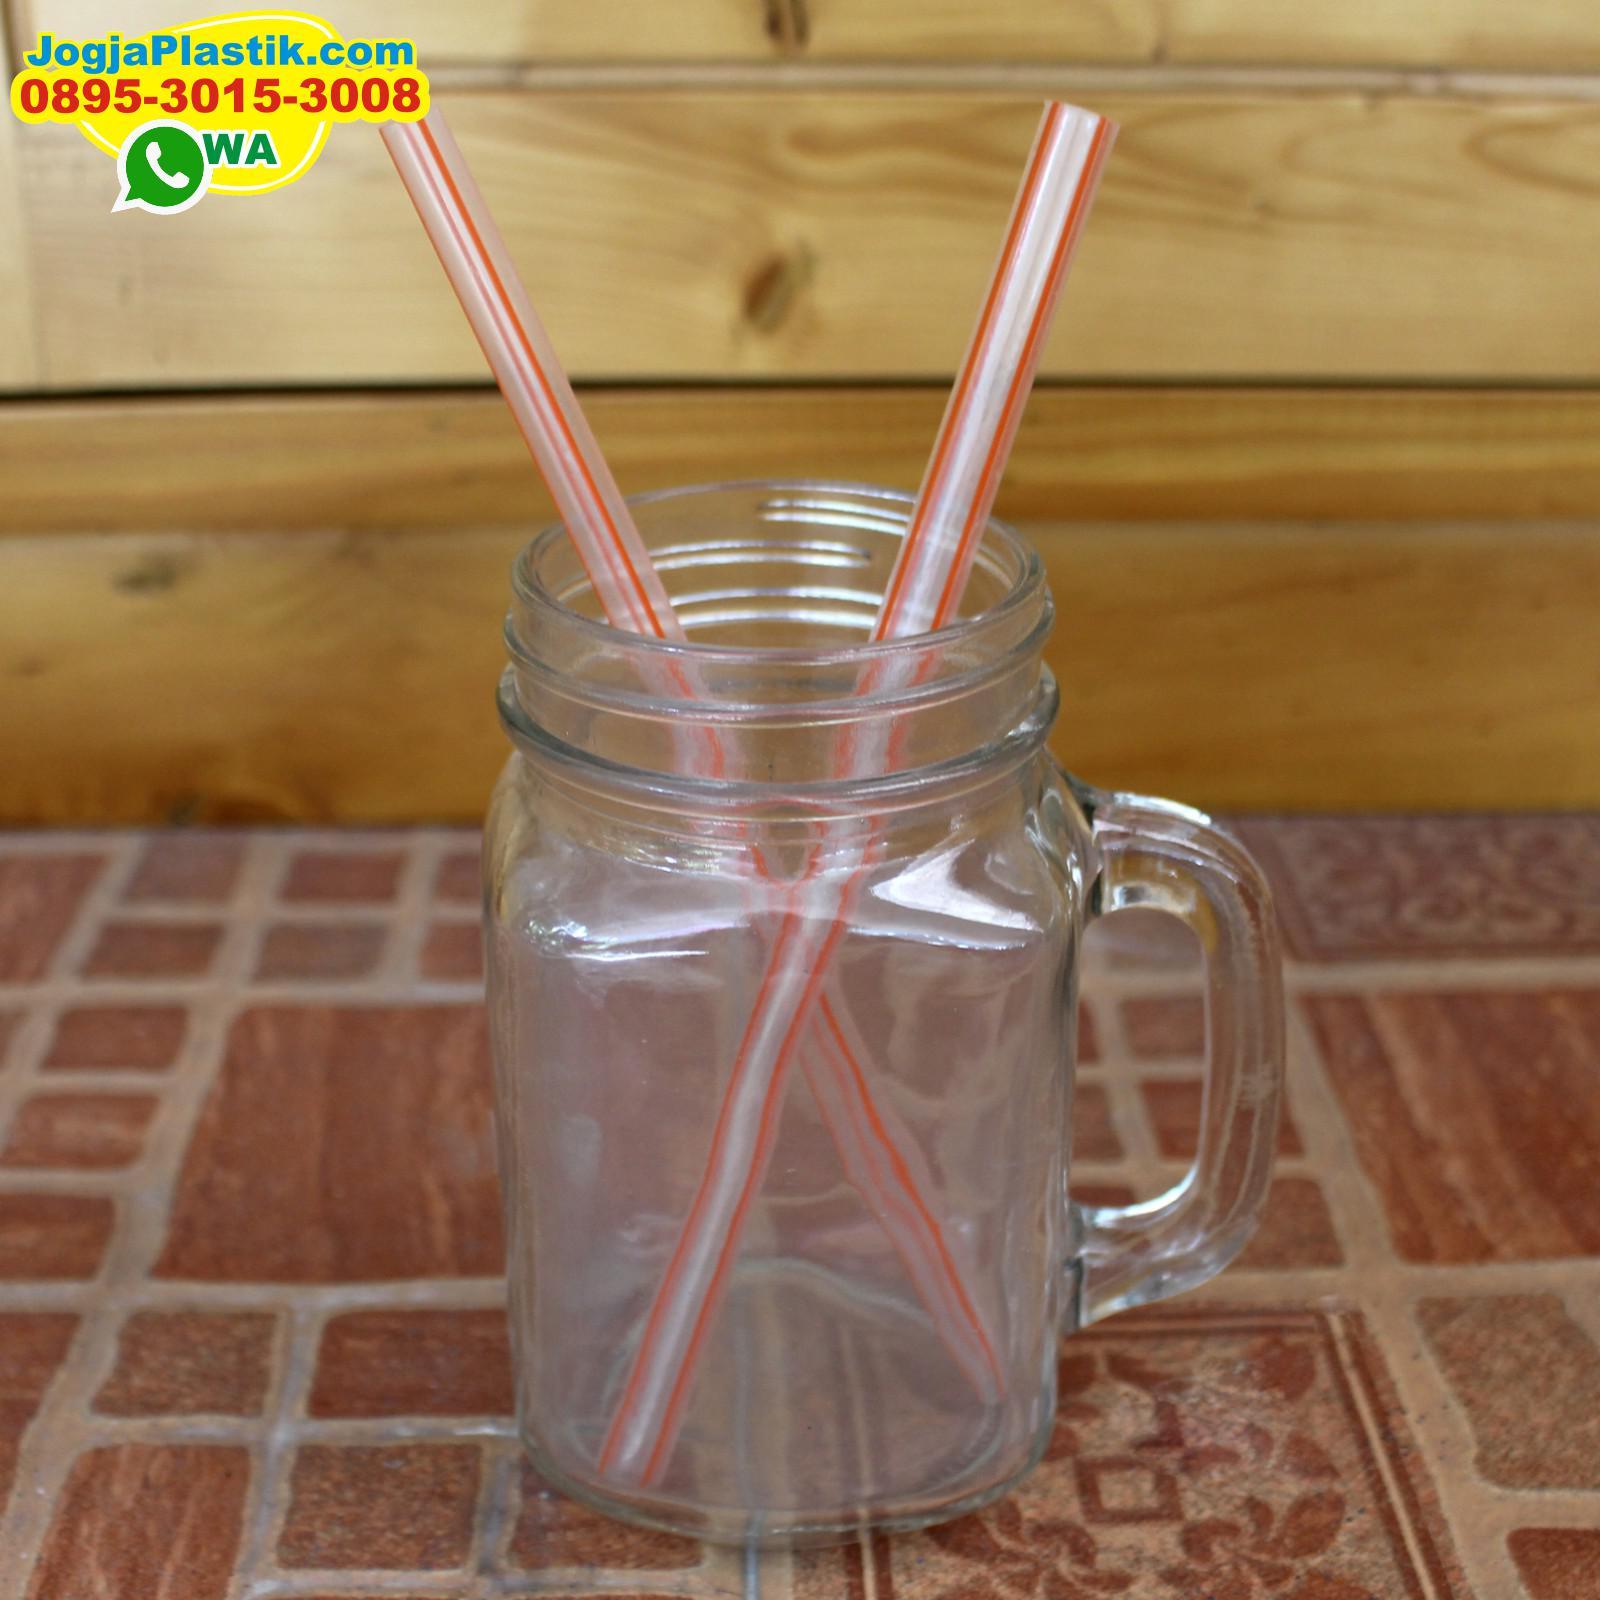 Distributor Sedotan Plastik Jual Harga Murah